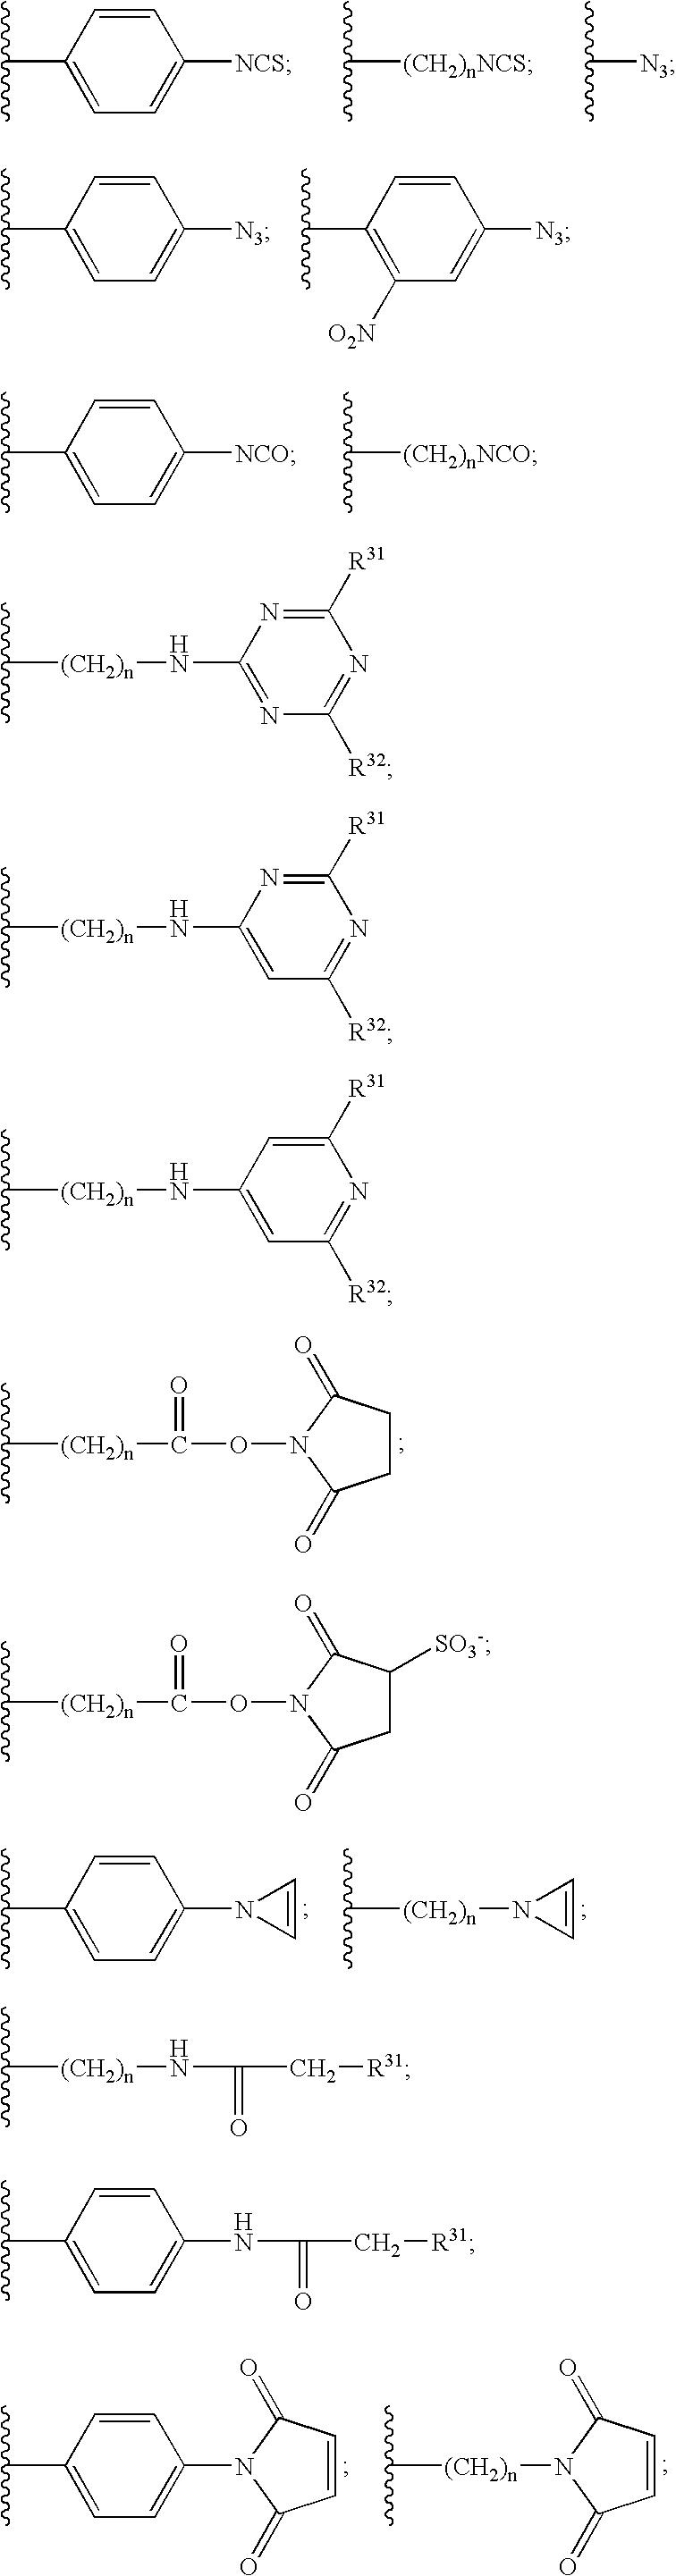 Figure US20090018643A1-20090115-C00001